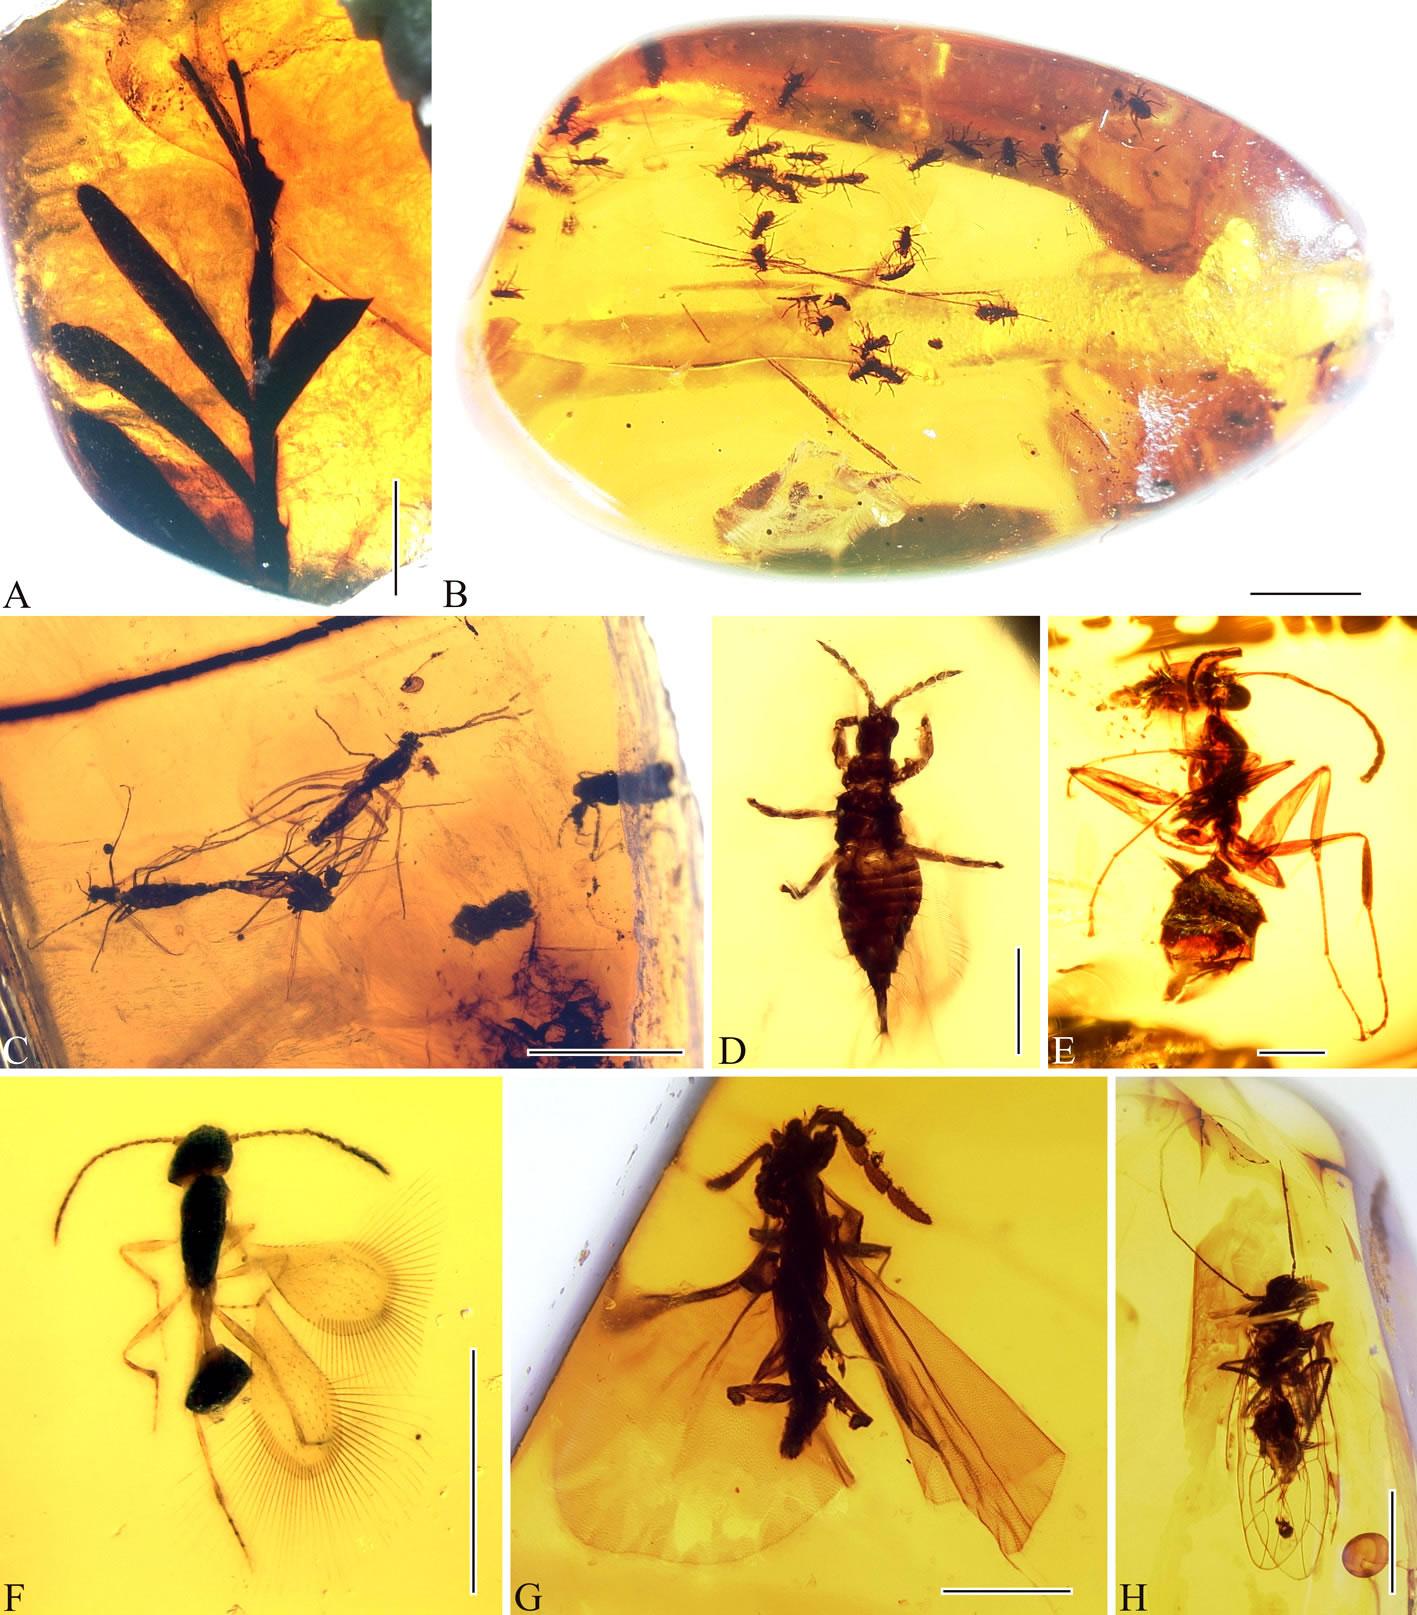 抚顺琥珀中重要的植物和昆虫